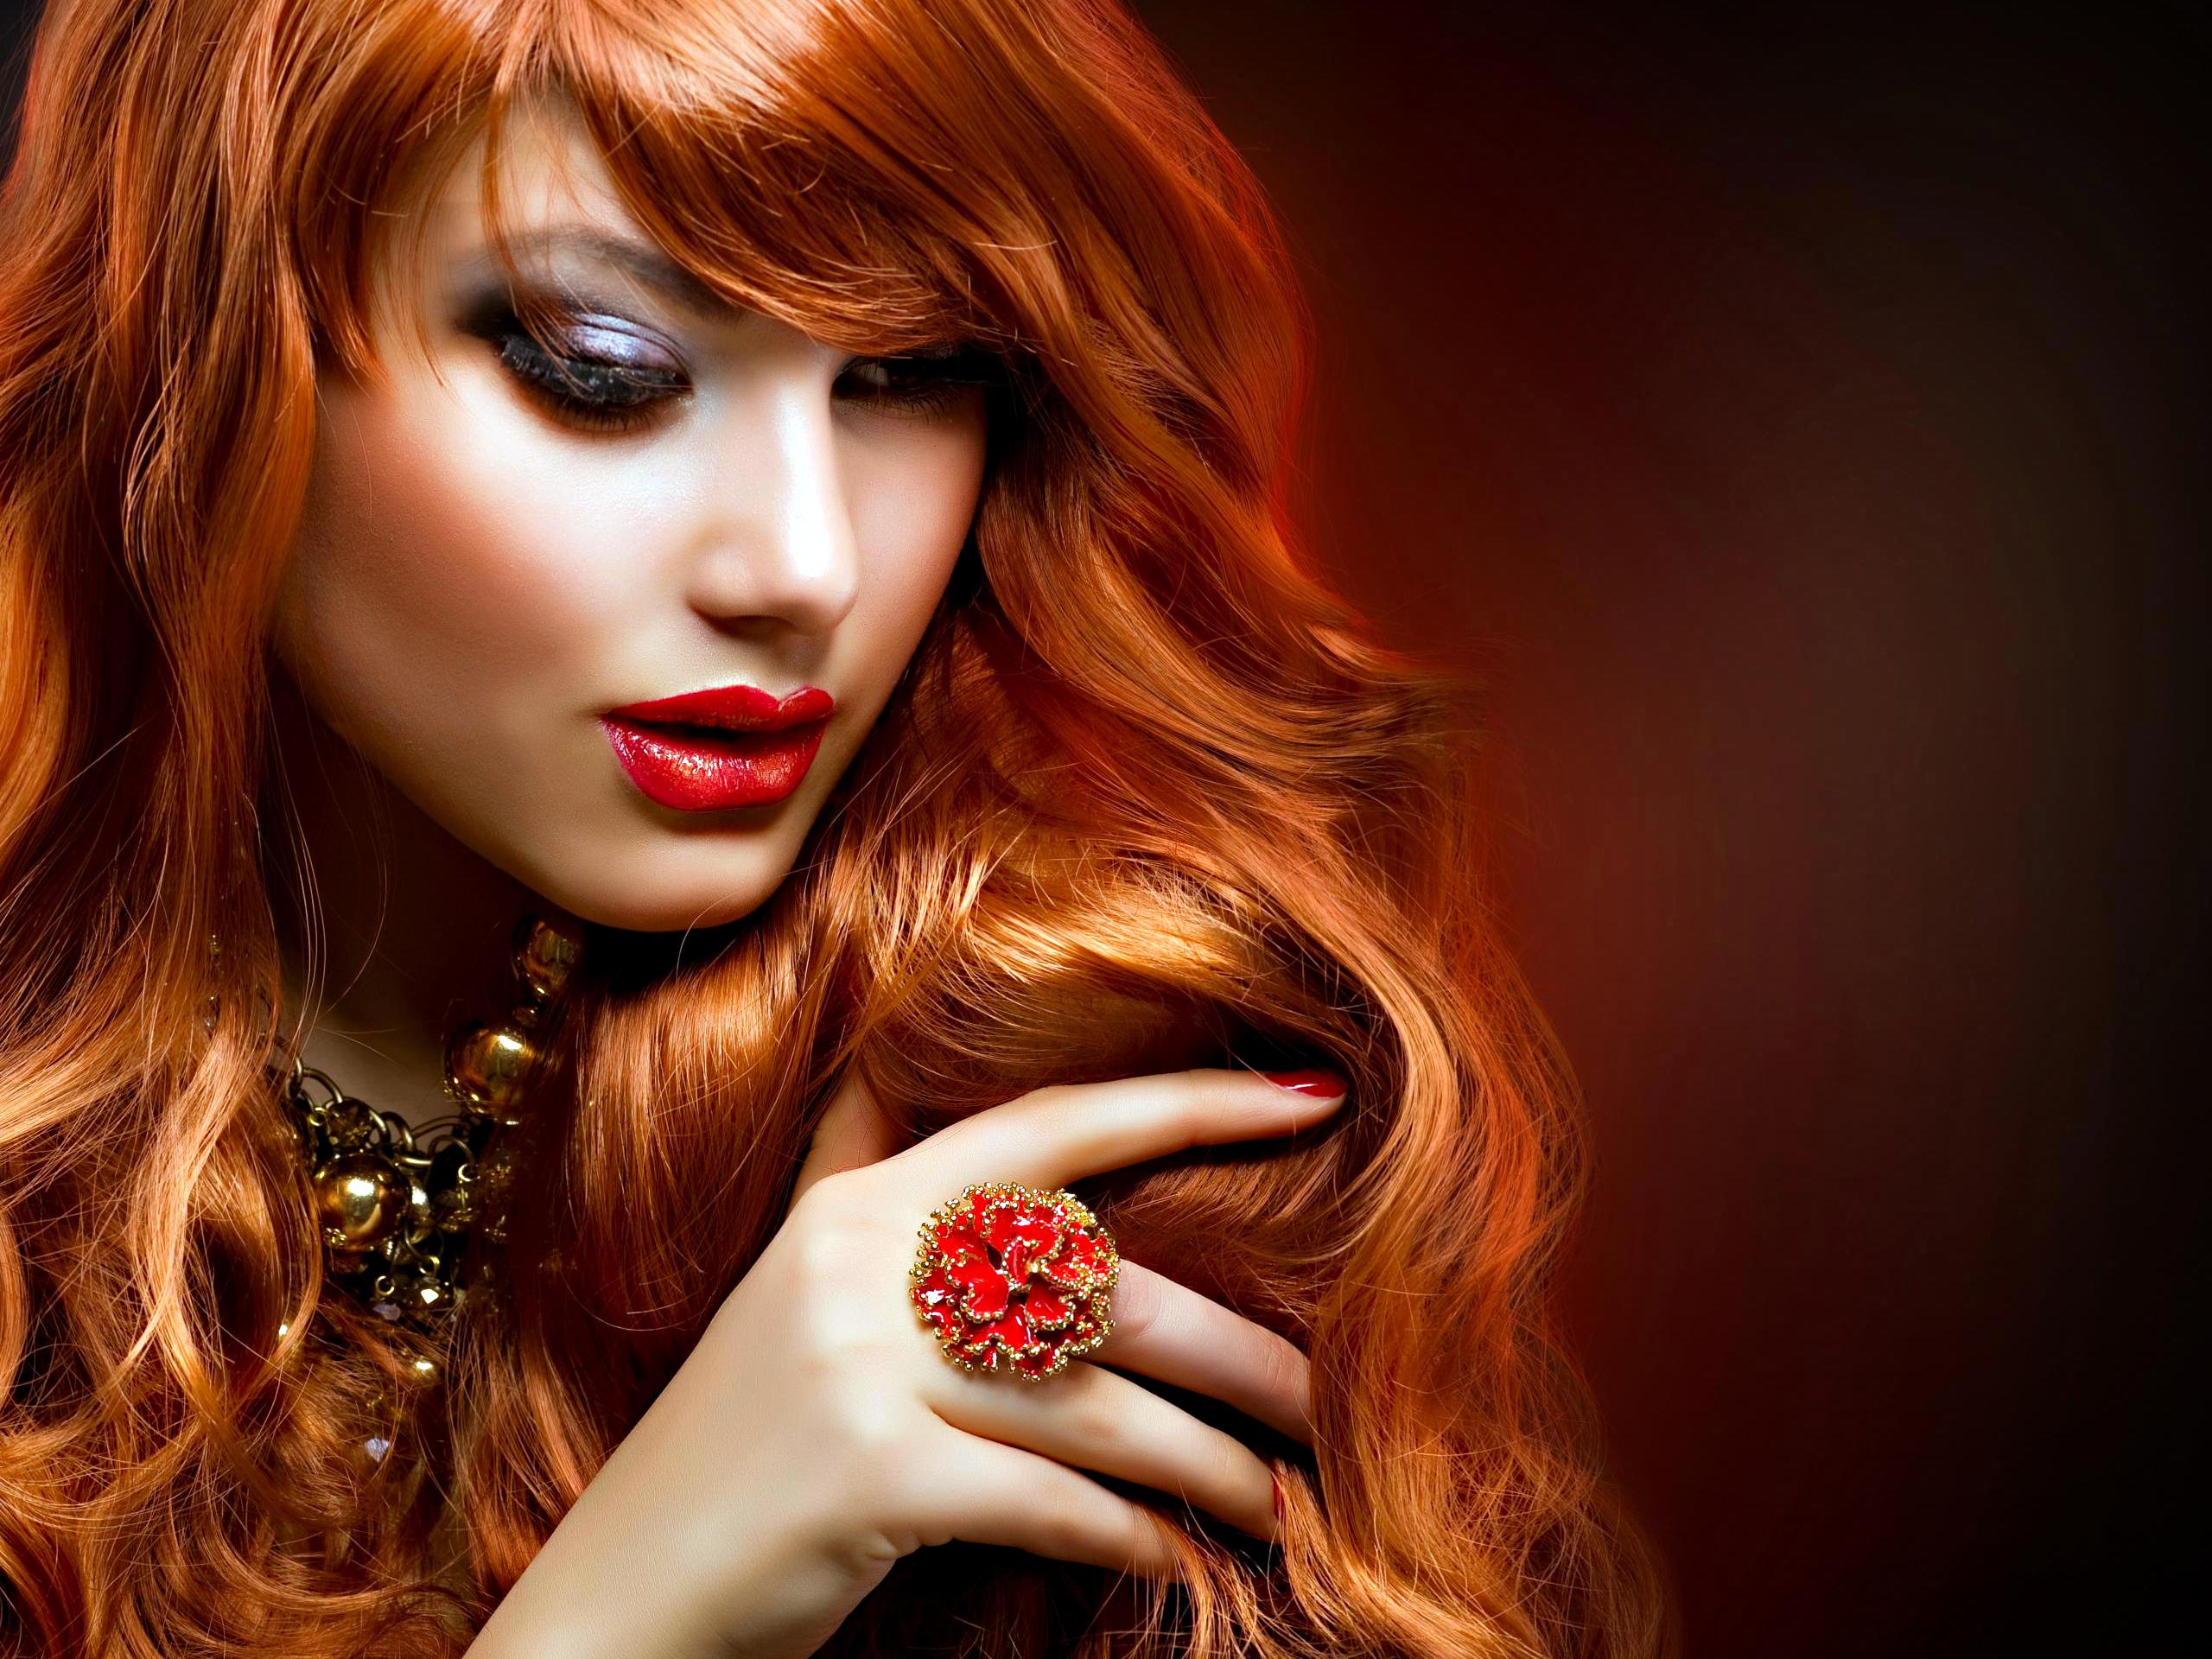 Woman-beauty-wallpaper-22